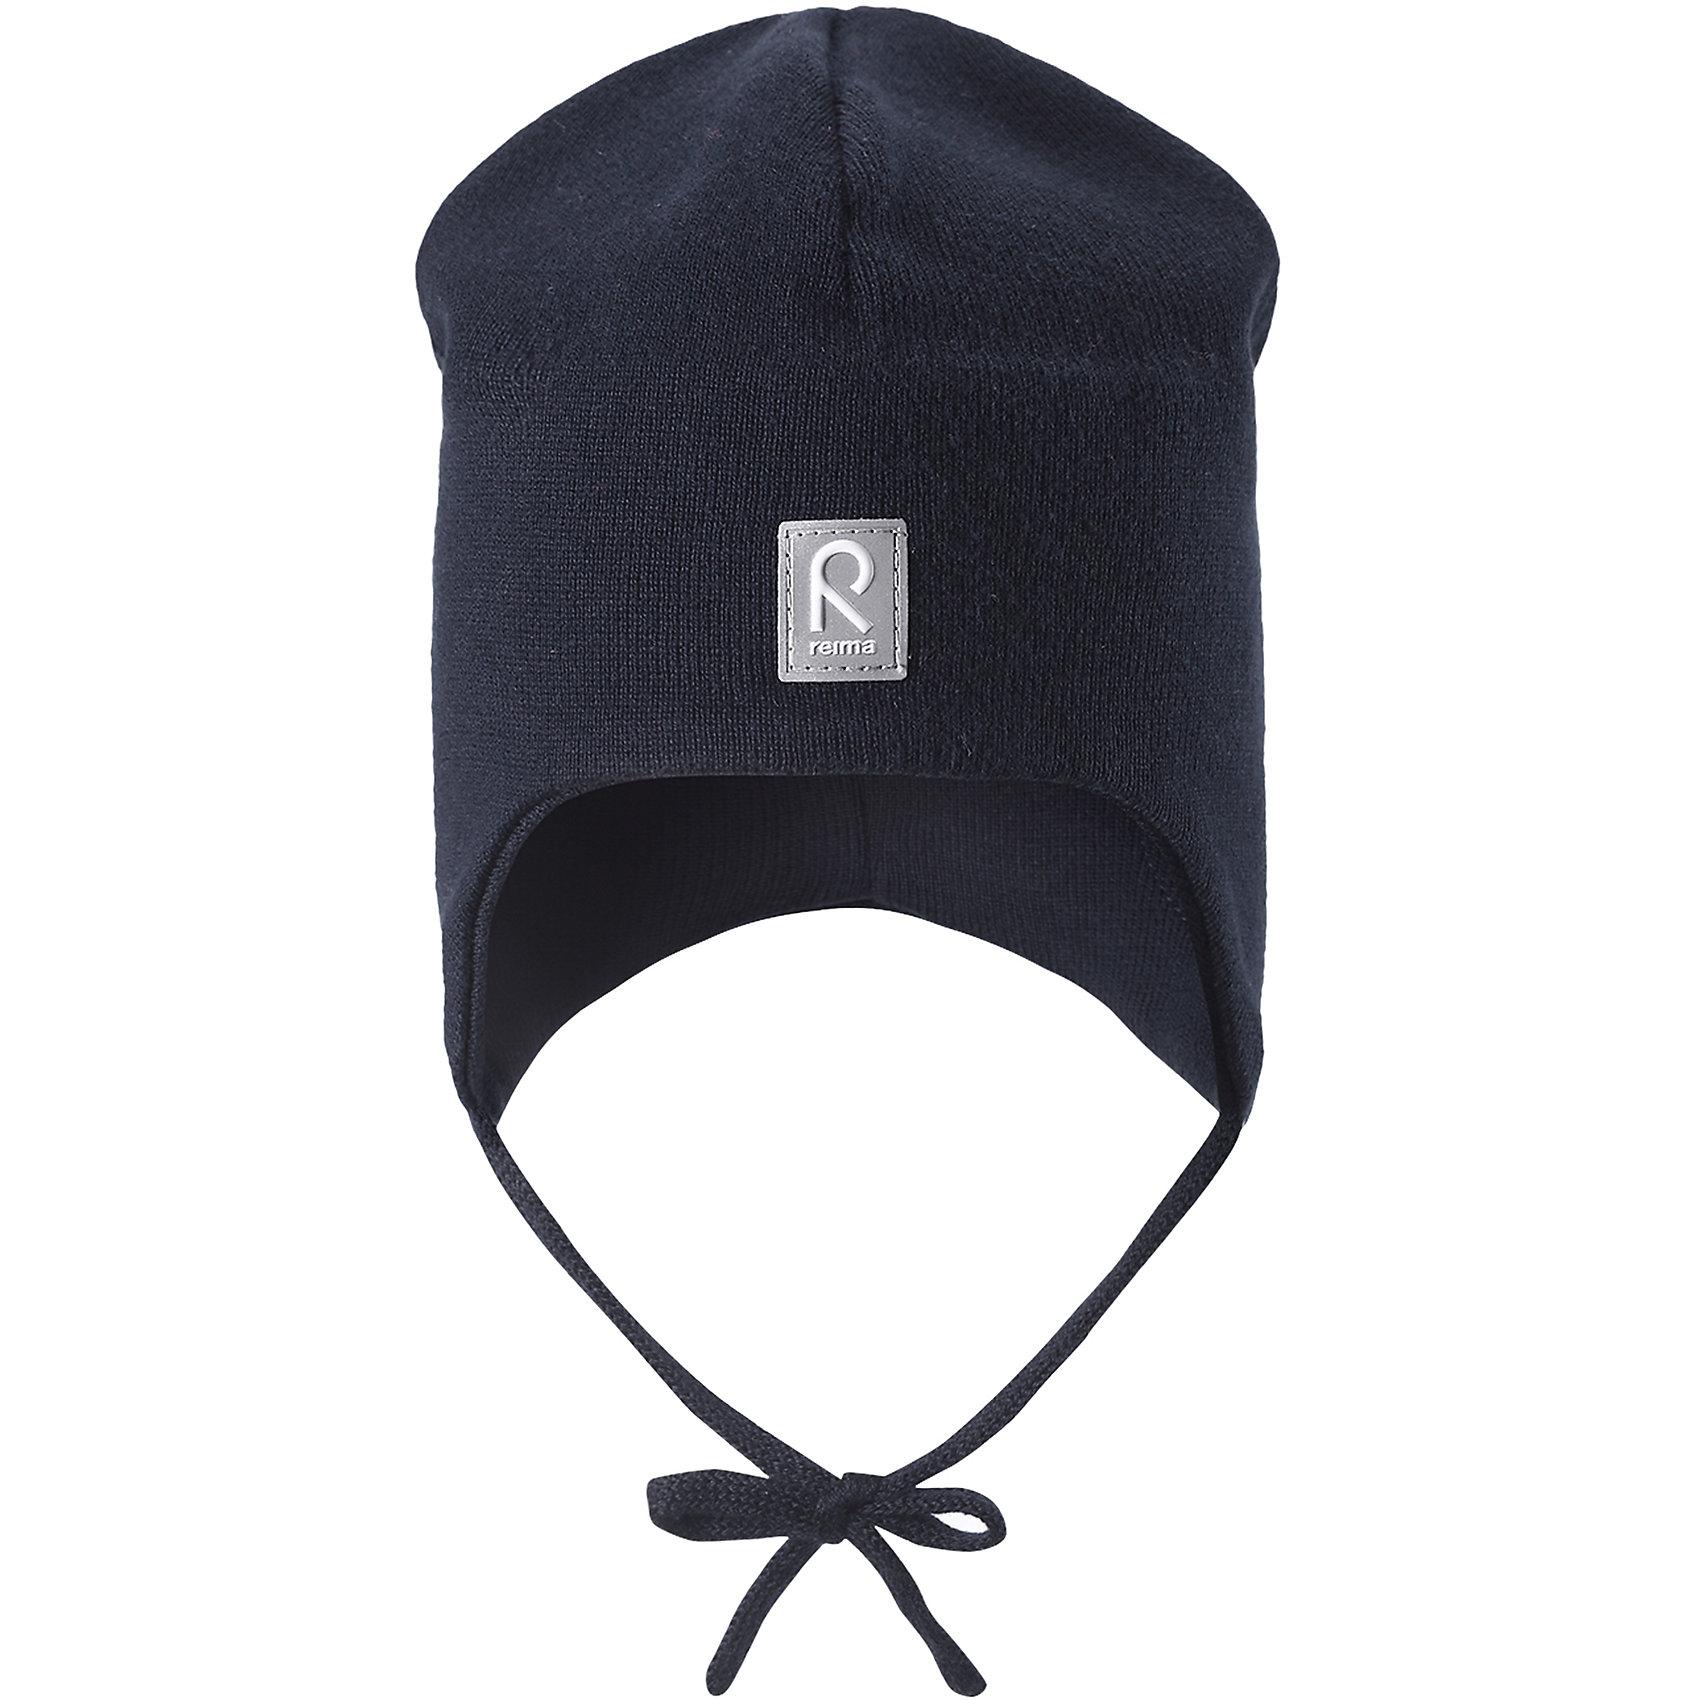 Шапка Aqueous для мальчика ReimaШапки и шарфы<br>Характеристики товара:<br><br>• цвет: тёмно-синий<br>• состав: 100% хлопок<br>• полуподкладка: хлопковый трикотаж<br>• температурный режим: от 0С до +10С<br>• эластичный хлопковый трикотаж<br>• инделие сертифицированно по стандарту Oeko-Tex на продукция класса 1 - одежда для новорождённых<br>• ветронепроницаемые вставки в области ушей<br>• завязки во всех размерах<br>• эмблема Reima спереди<br>• светоотражающие детали<br>• страна бренда: Финляндия<br>• страна производства: Китай<br><br>Детский головной убор может быть модным и удобным одновременно! Стильная шапка поможет обеспечить ребенку комфорт и дополнить наряд. Шапка удобно сидит и аккуратно выглядит. Проста в уходе, долго служит. Стильный дизайн разрабатывался специально для детей. Отличная защита от дождя и ветра!<br><br>Уход:<br><br>• стирать по отдельности, вывернув наизнанку<br>• придать первоначальную форму вo влажном виде<br>• возможна усадка 5 %.<br><br>Шапку от финского бренда Reima (Рейма) можно купить в нашем интернет-магазине.<br><br>Ширина мм: 89<br>Глубина мм: 117<br>Высота мм: 44<br>Вес г: 155<br>Цвет: синий<br>Возраст от месяцев: 6<br>Возраст до месяцев: 9<br>Пол: Мужской<br>Возраст: Детский<br>Размер: 46,48,52,50<br>SKU: 5271090